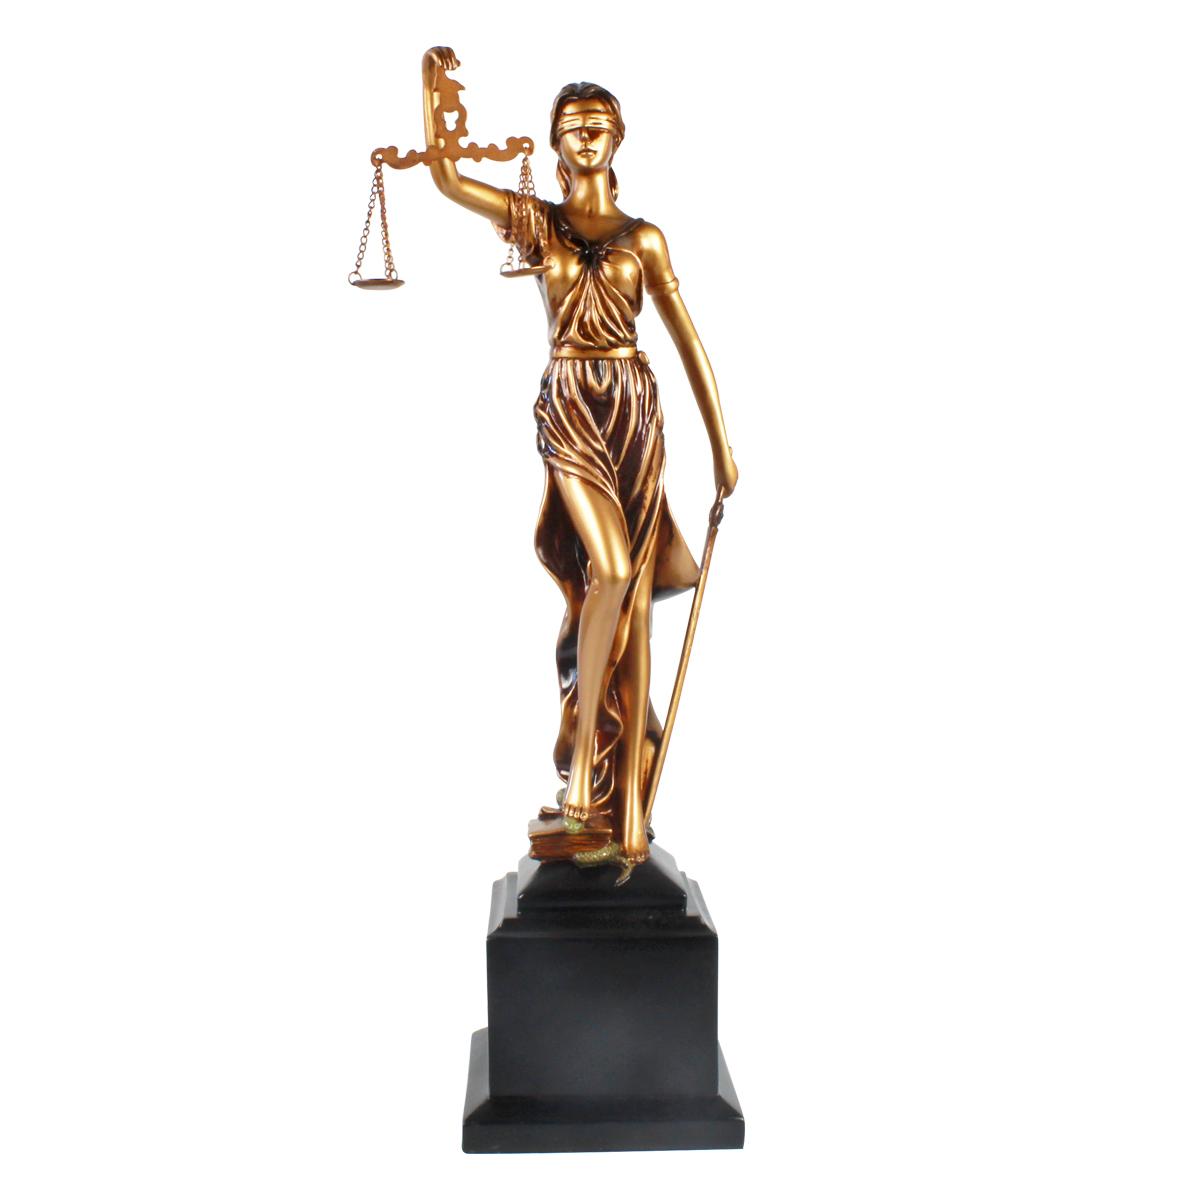 Estátua Deusa Têmis 55cm Dama Da Justiça Símbolo Do Direito